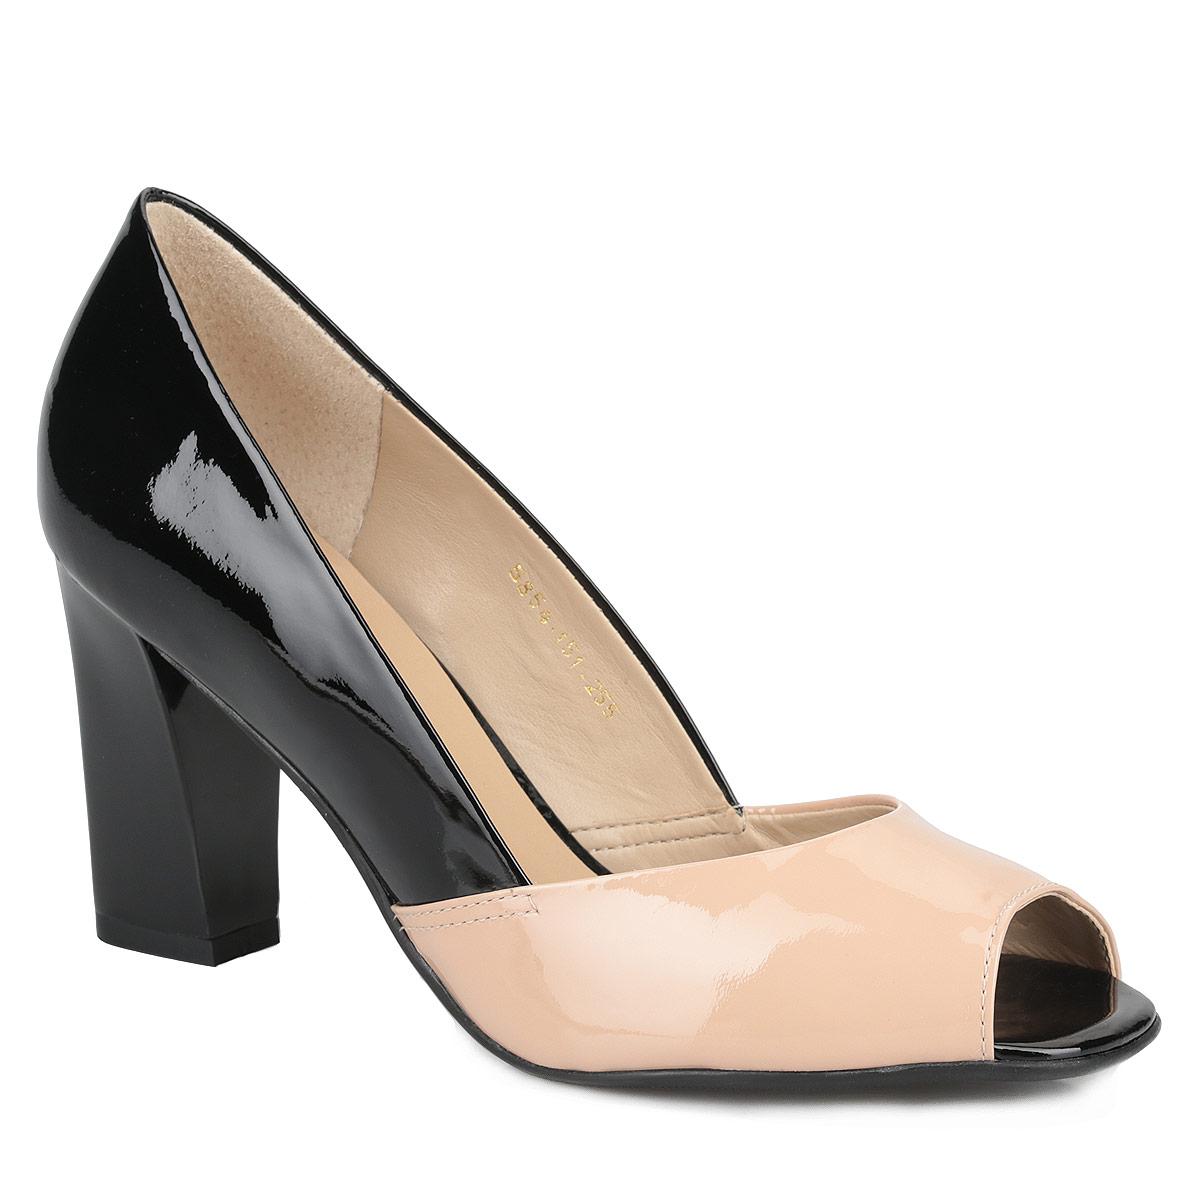 Indiana Туфли женские. 5854-151-255